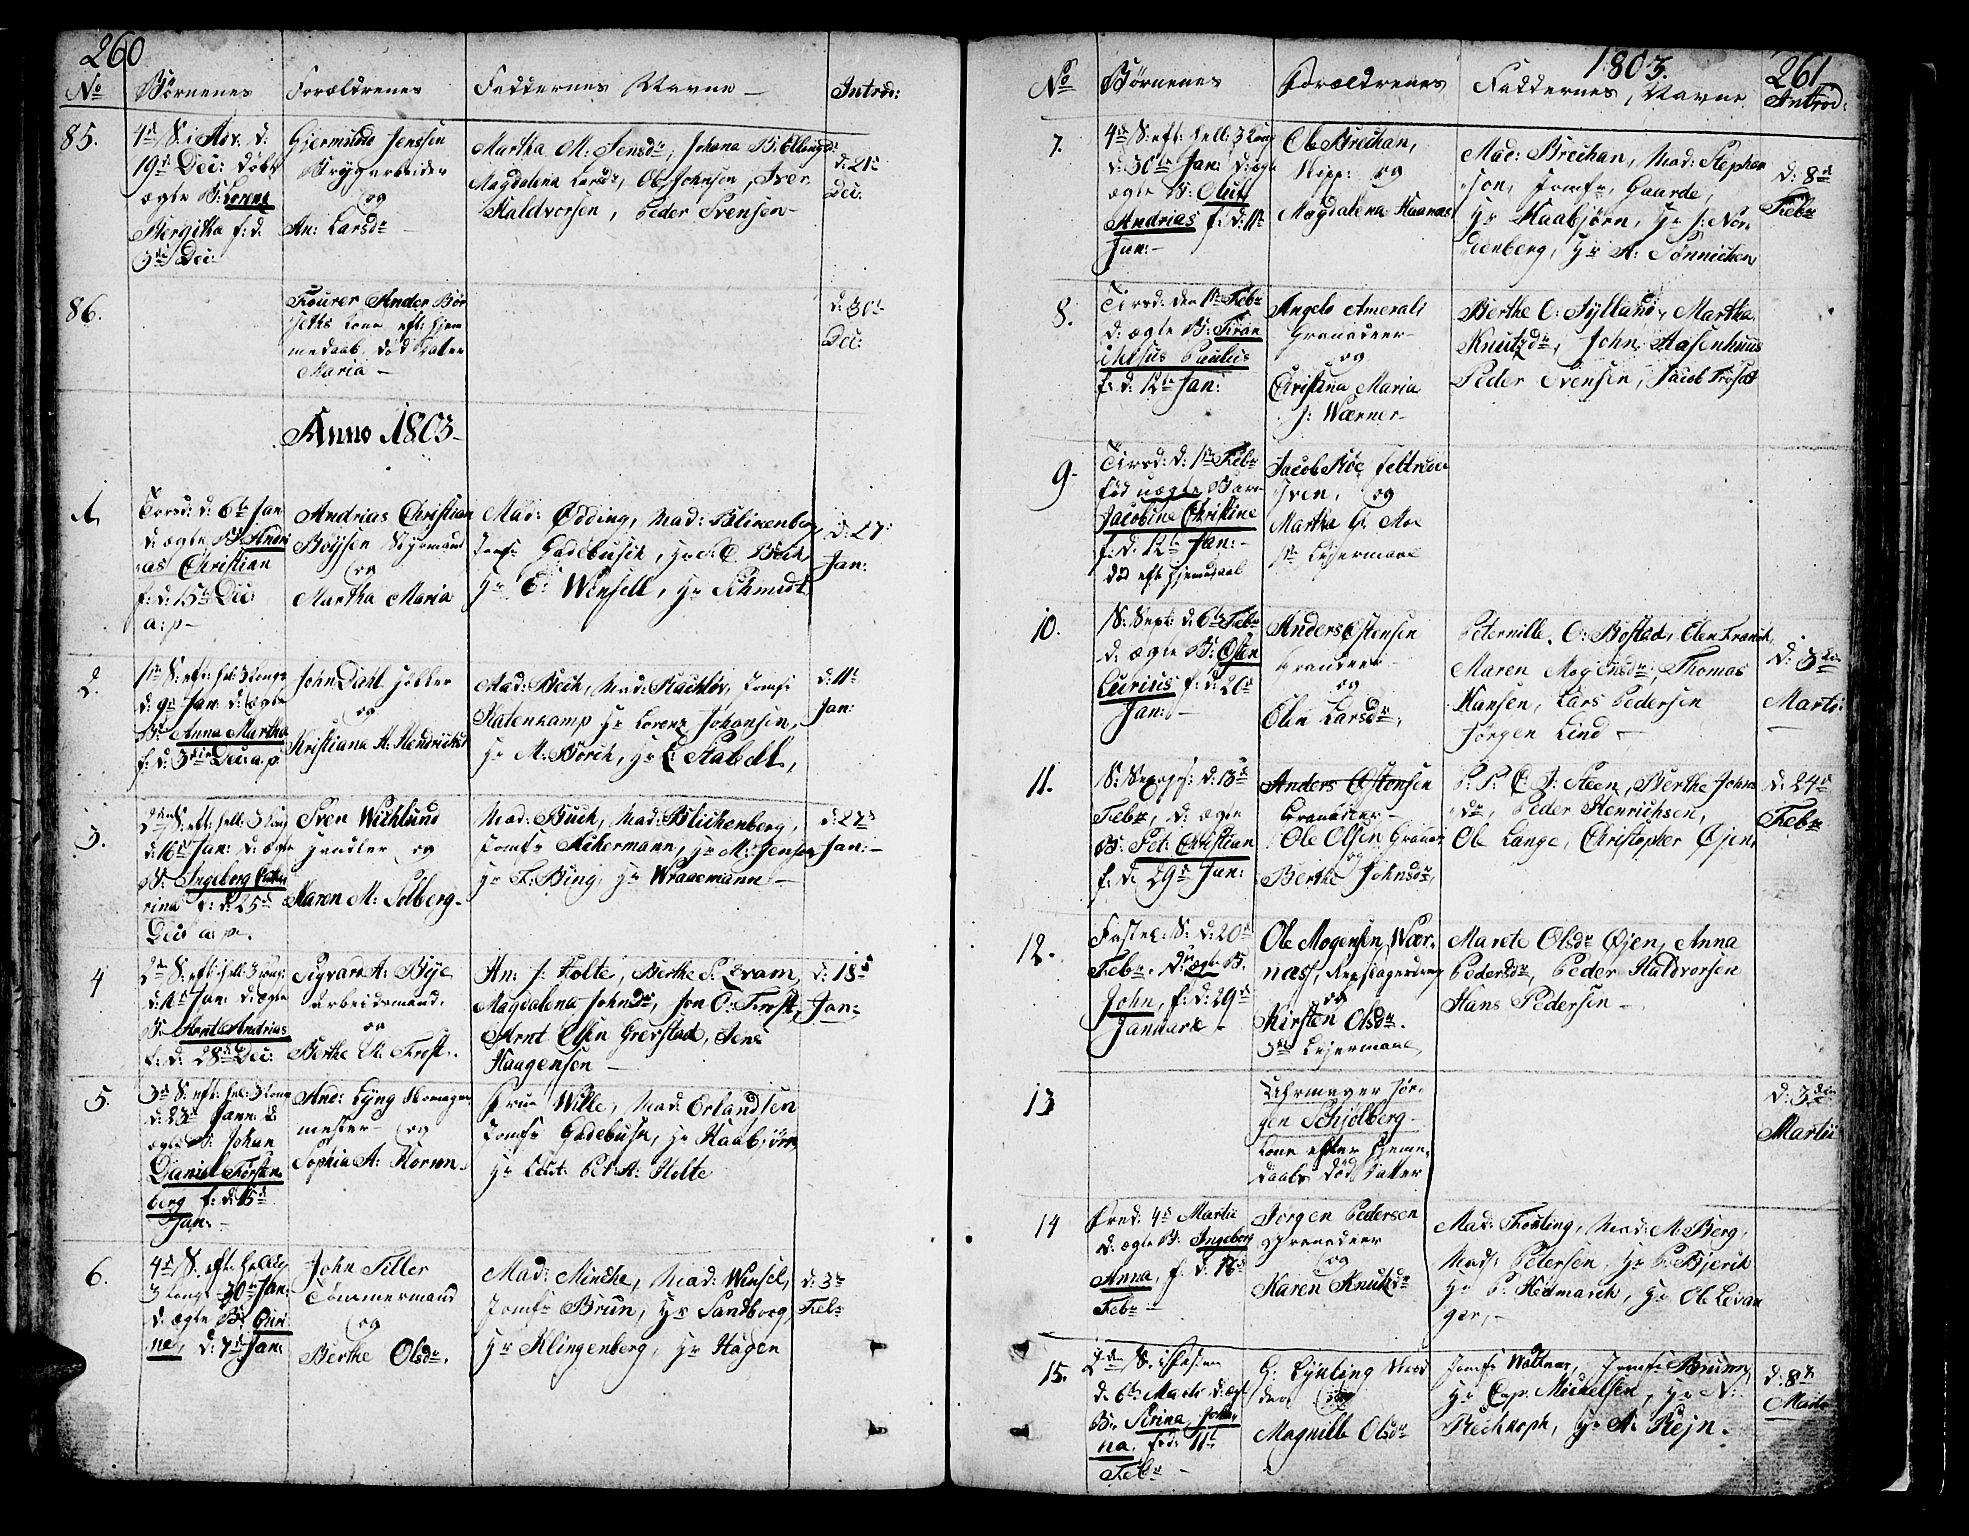 SAT, Ministerialprotokoller, klokkerbøker og fødselsregistre - Sør-Trøndelag, 602/L0104: Ministerialbok nr. 602A02, 1774-1814, s. 260-261